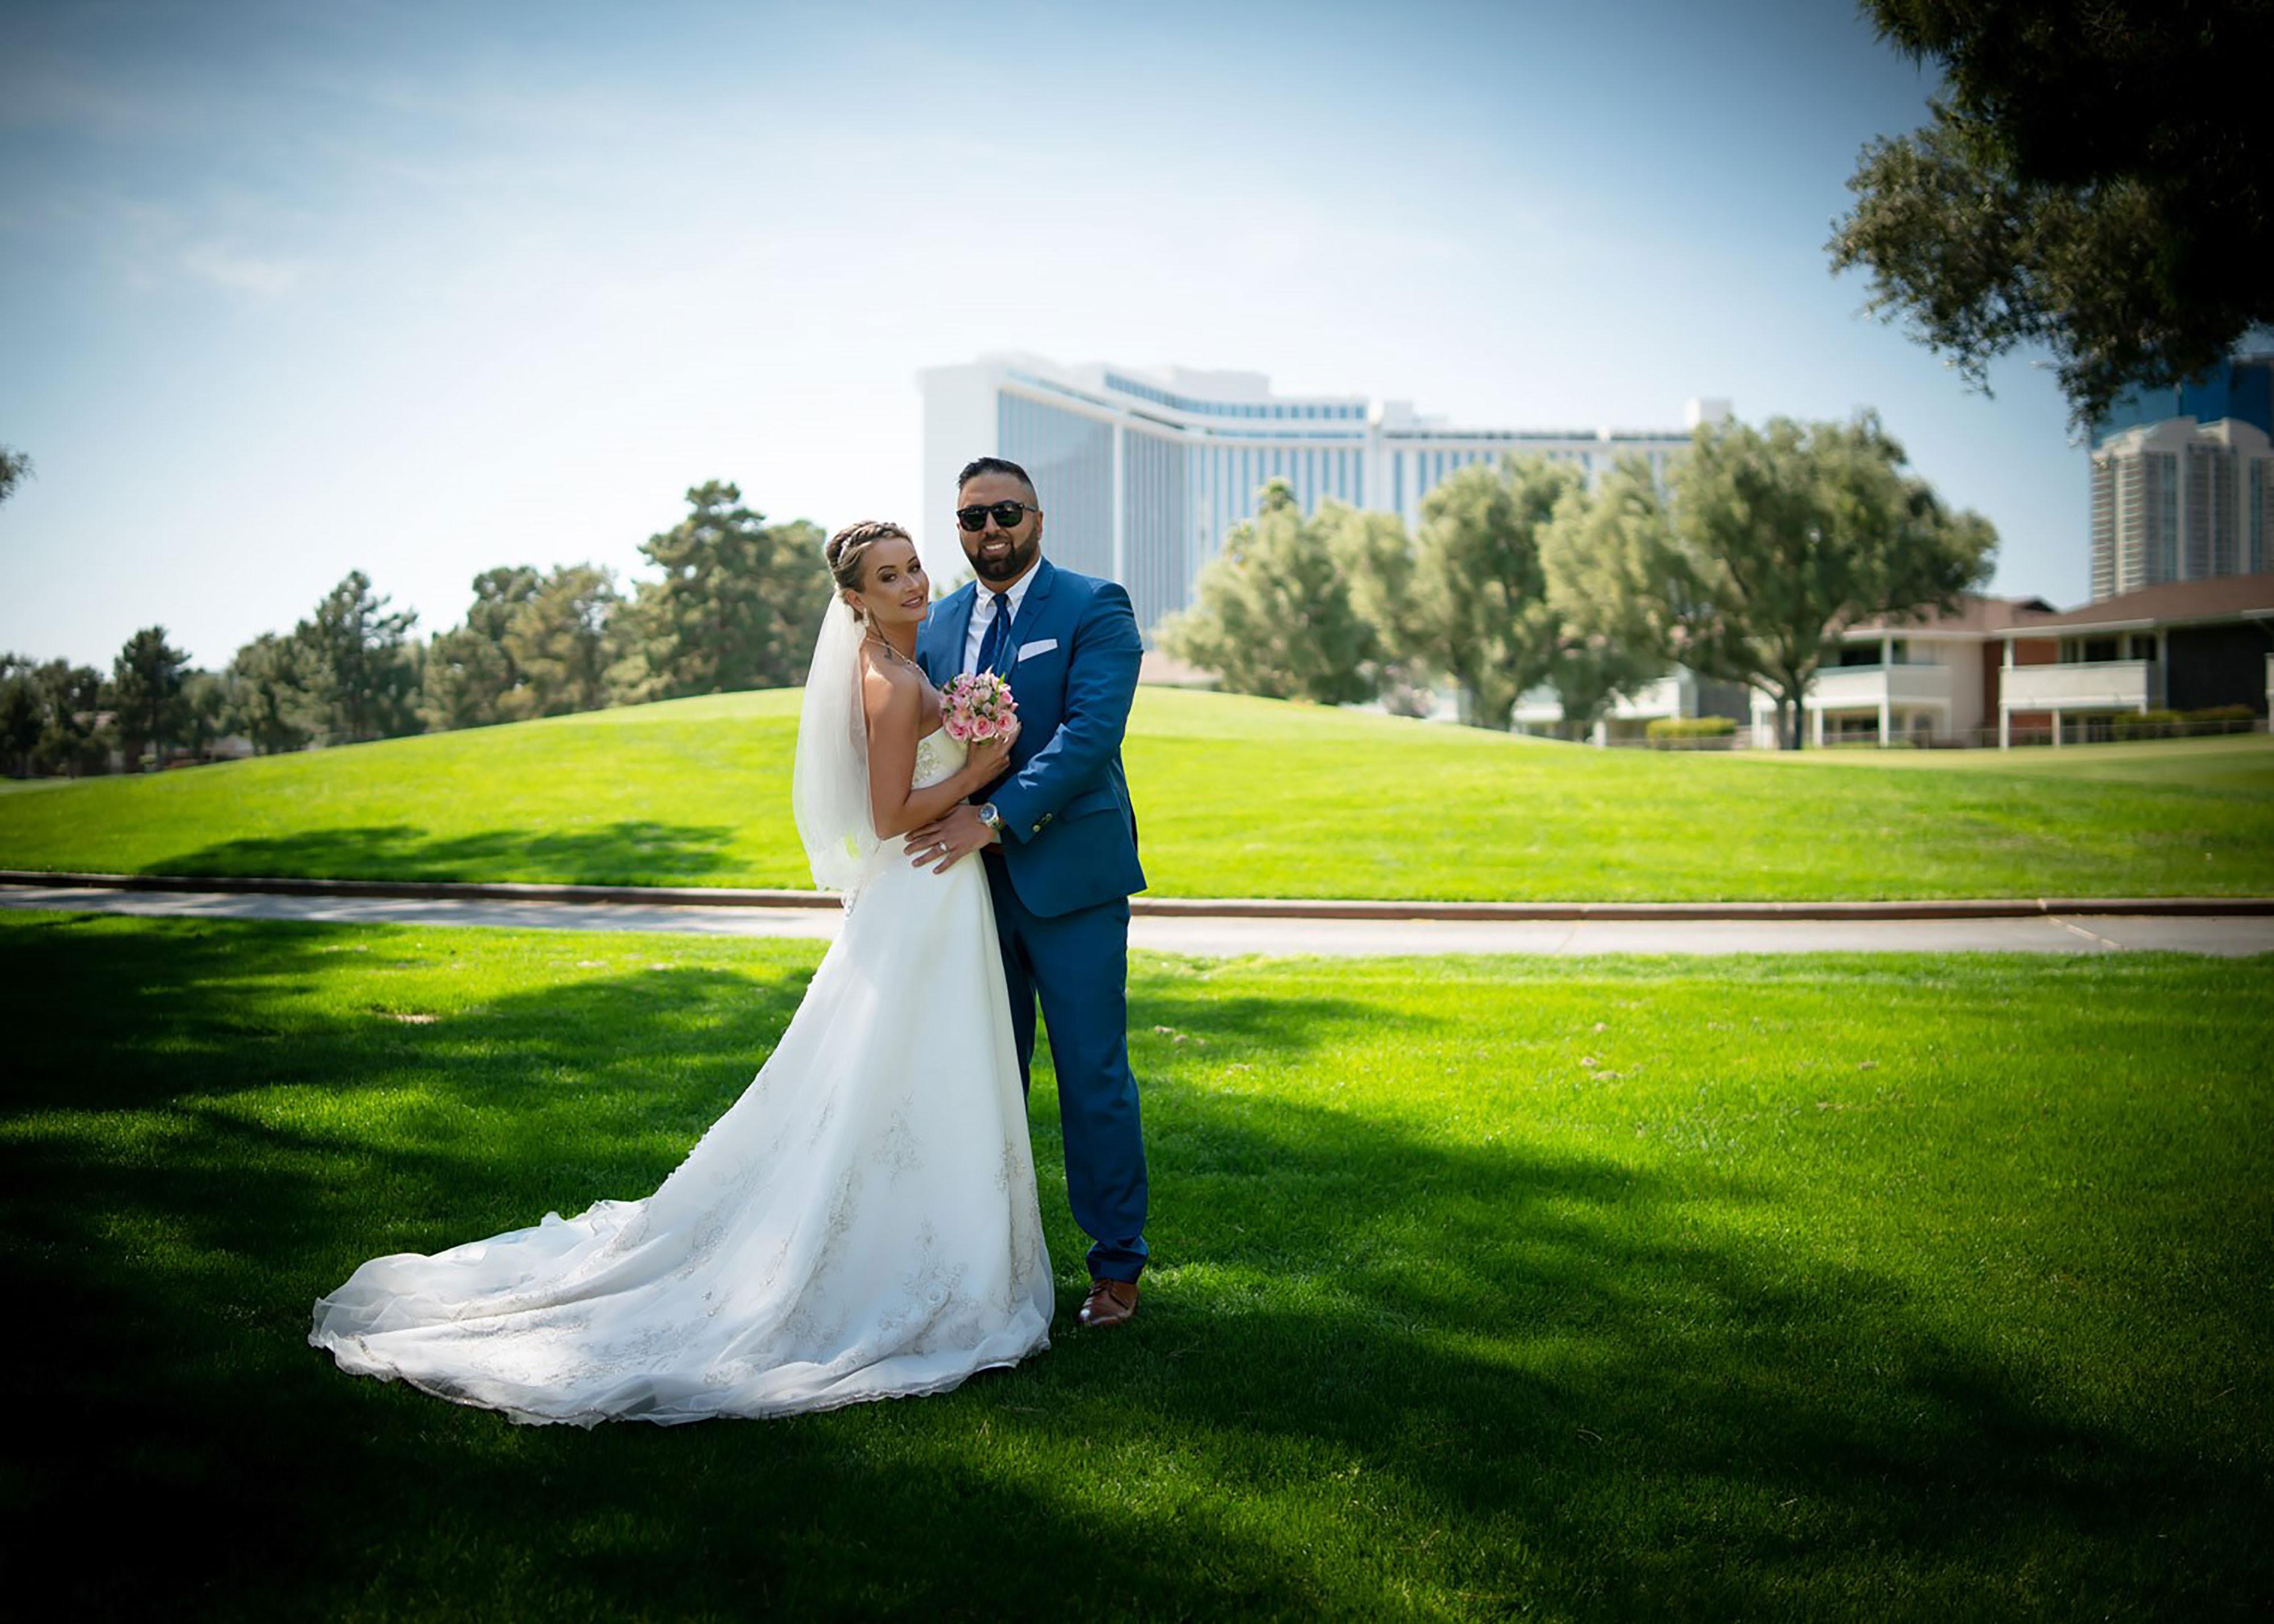 Best Wedding Venues In Las Vegas | Just Married In Vegas